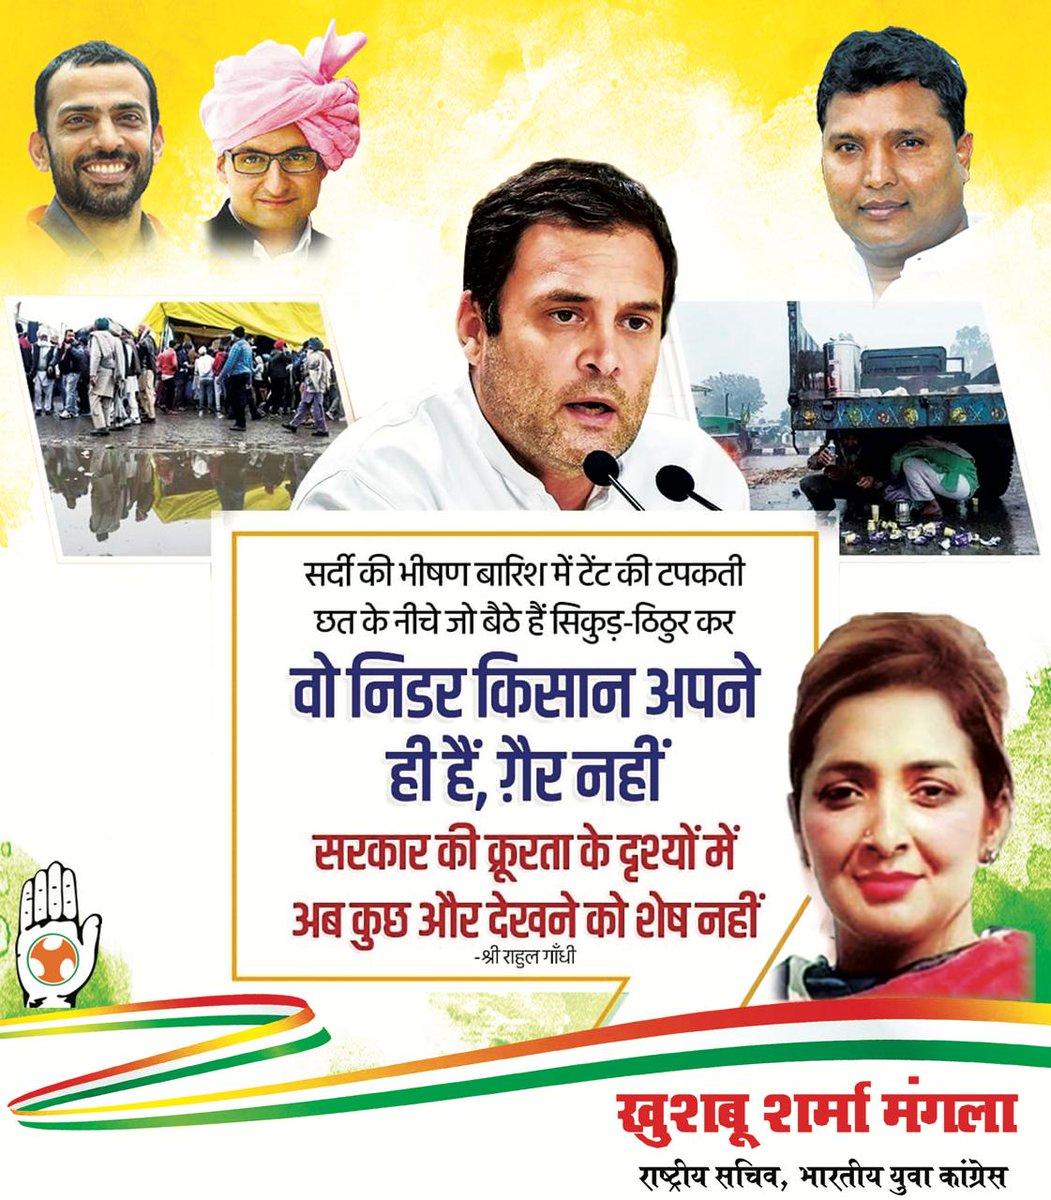 किसानों के लिए संघर्ष रुकेगा नहीं.. किसानों को उनका अधिकार देना होगा.. #KisanNahiToDeshNahi @IYC @srinivasiyc @RahulGandhi